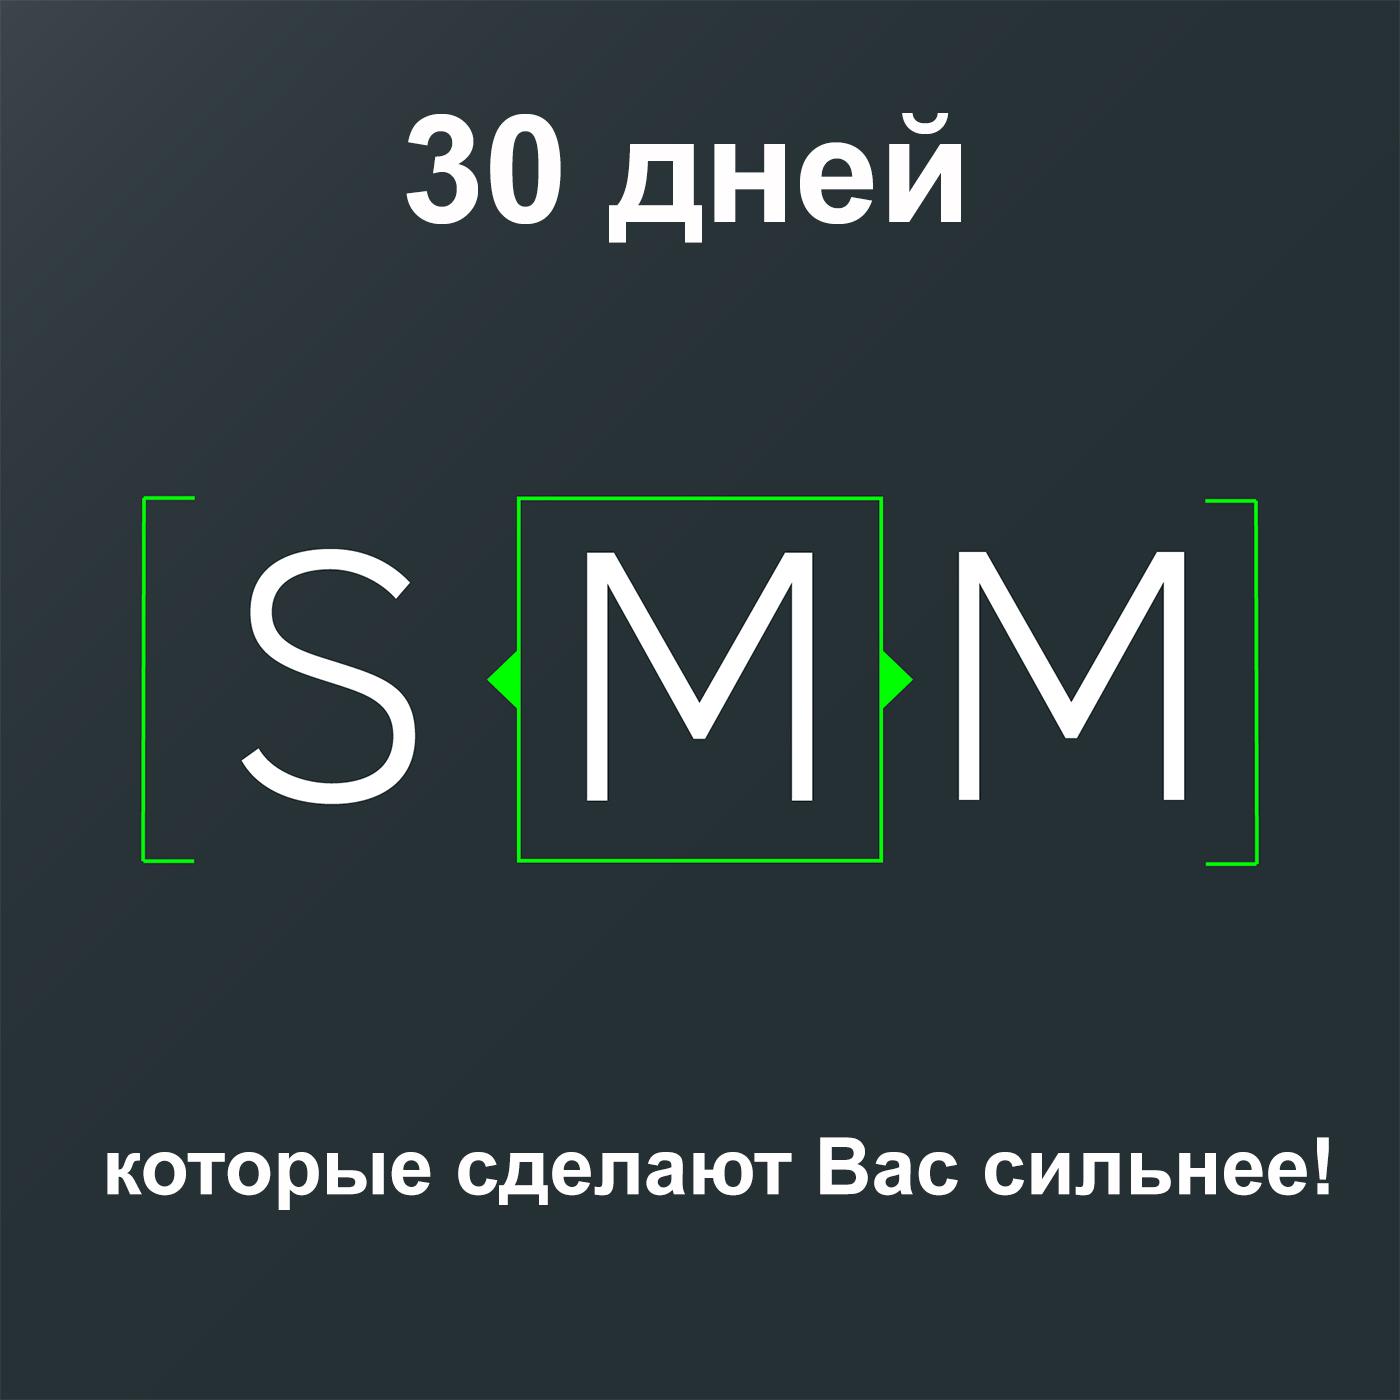 Отримайте БЕЗКОШТОВНО 30 днів розкрутки в Facebook! 5